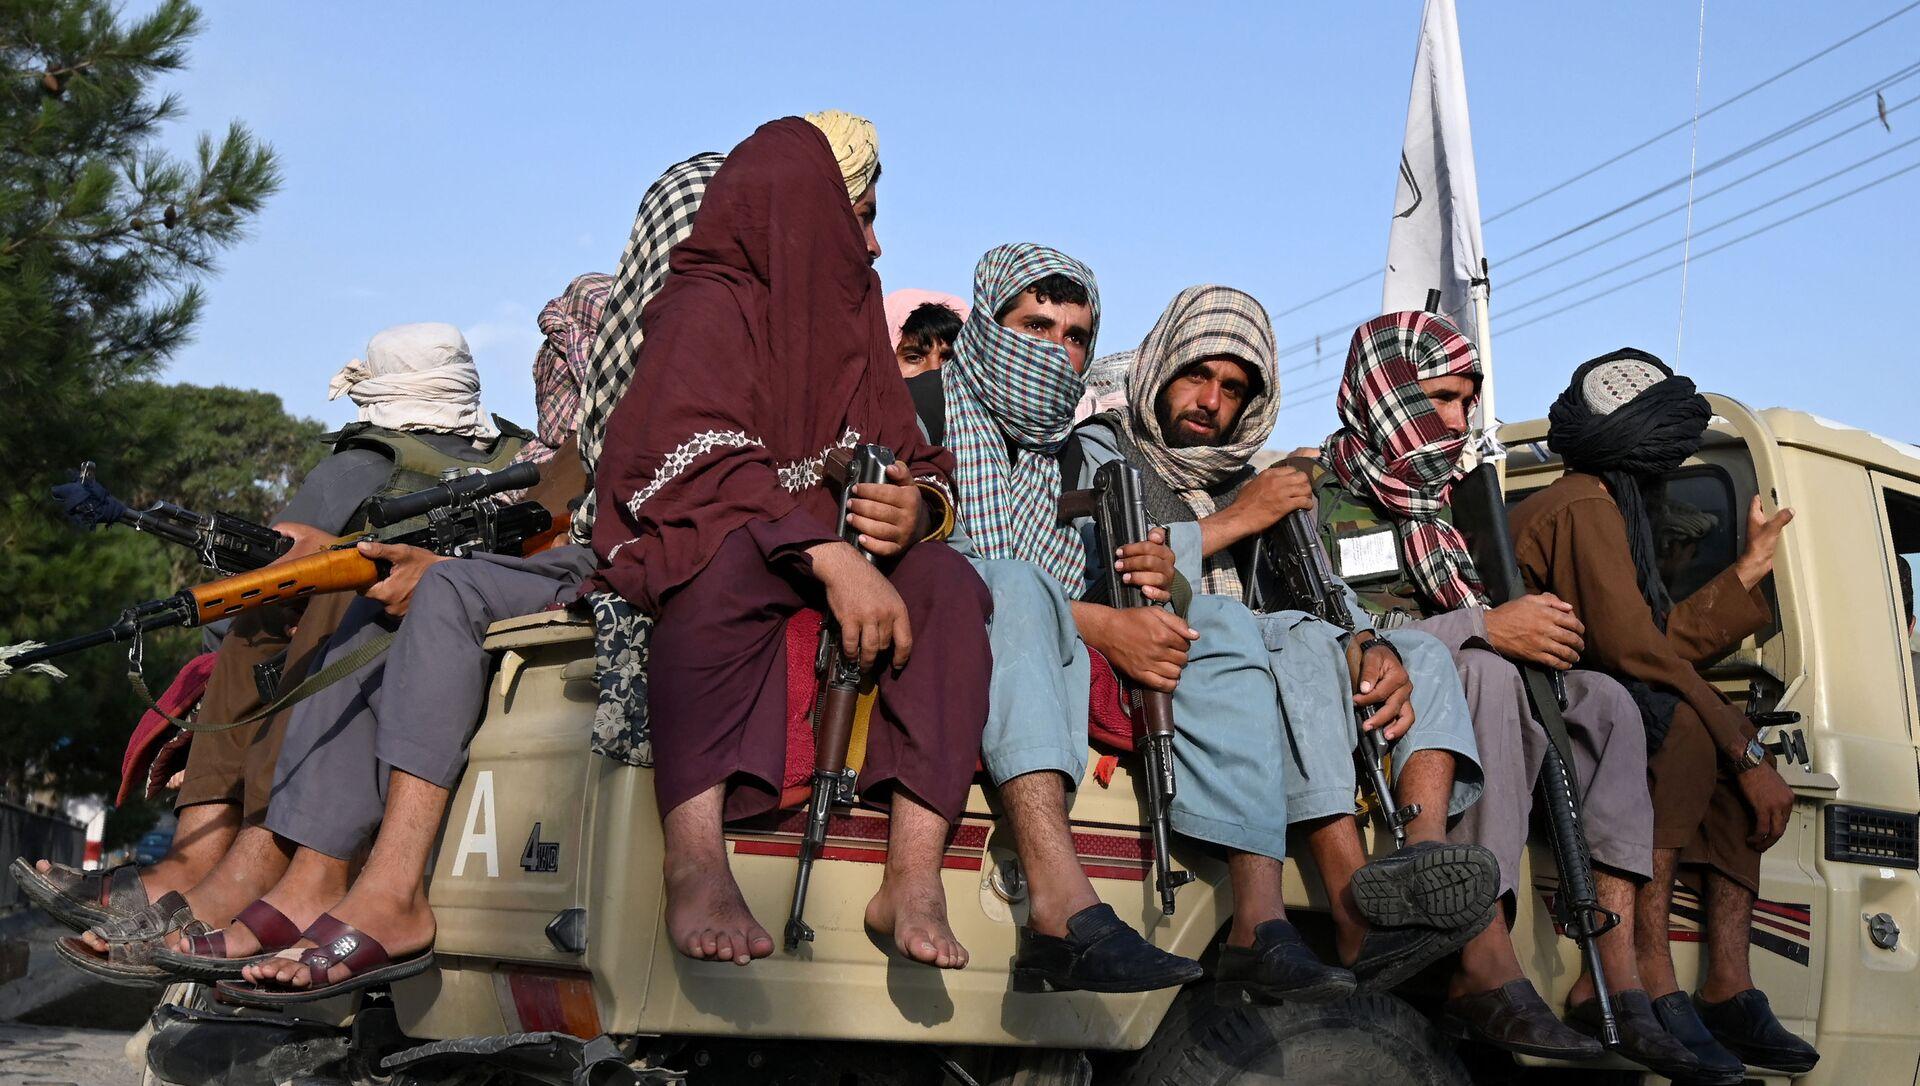 Các chiến binh Taliban * tuần tra đường phố ở Kabul, Afghanistan - Sputnik Việt Nam, 1920, 25.08.2021